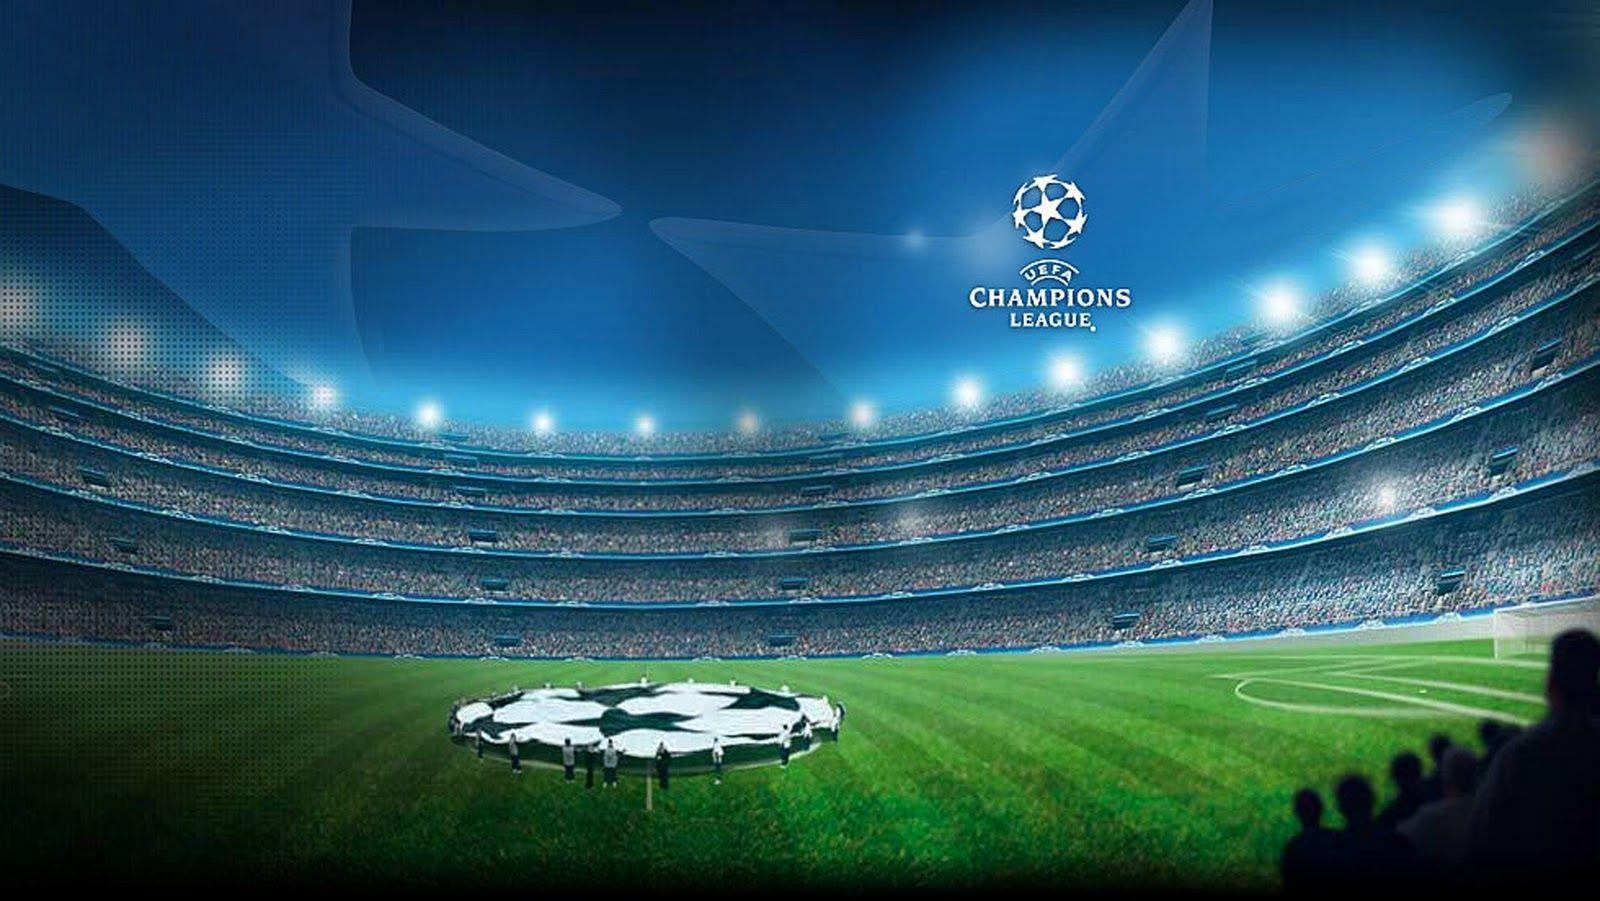 Partite Champions League in chiaro, Mediaset propone la diretta Champions